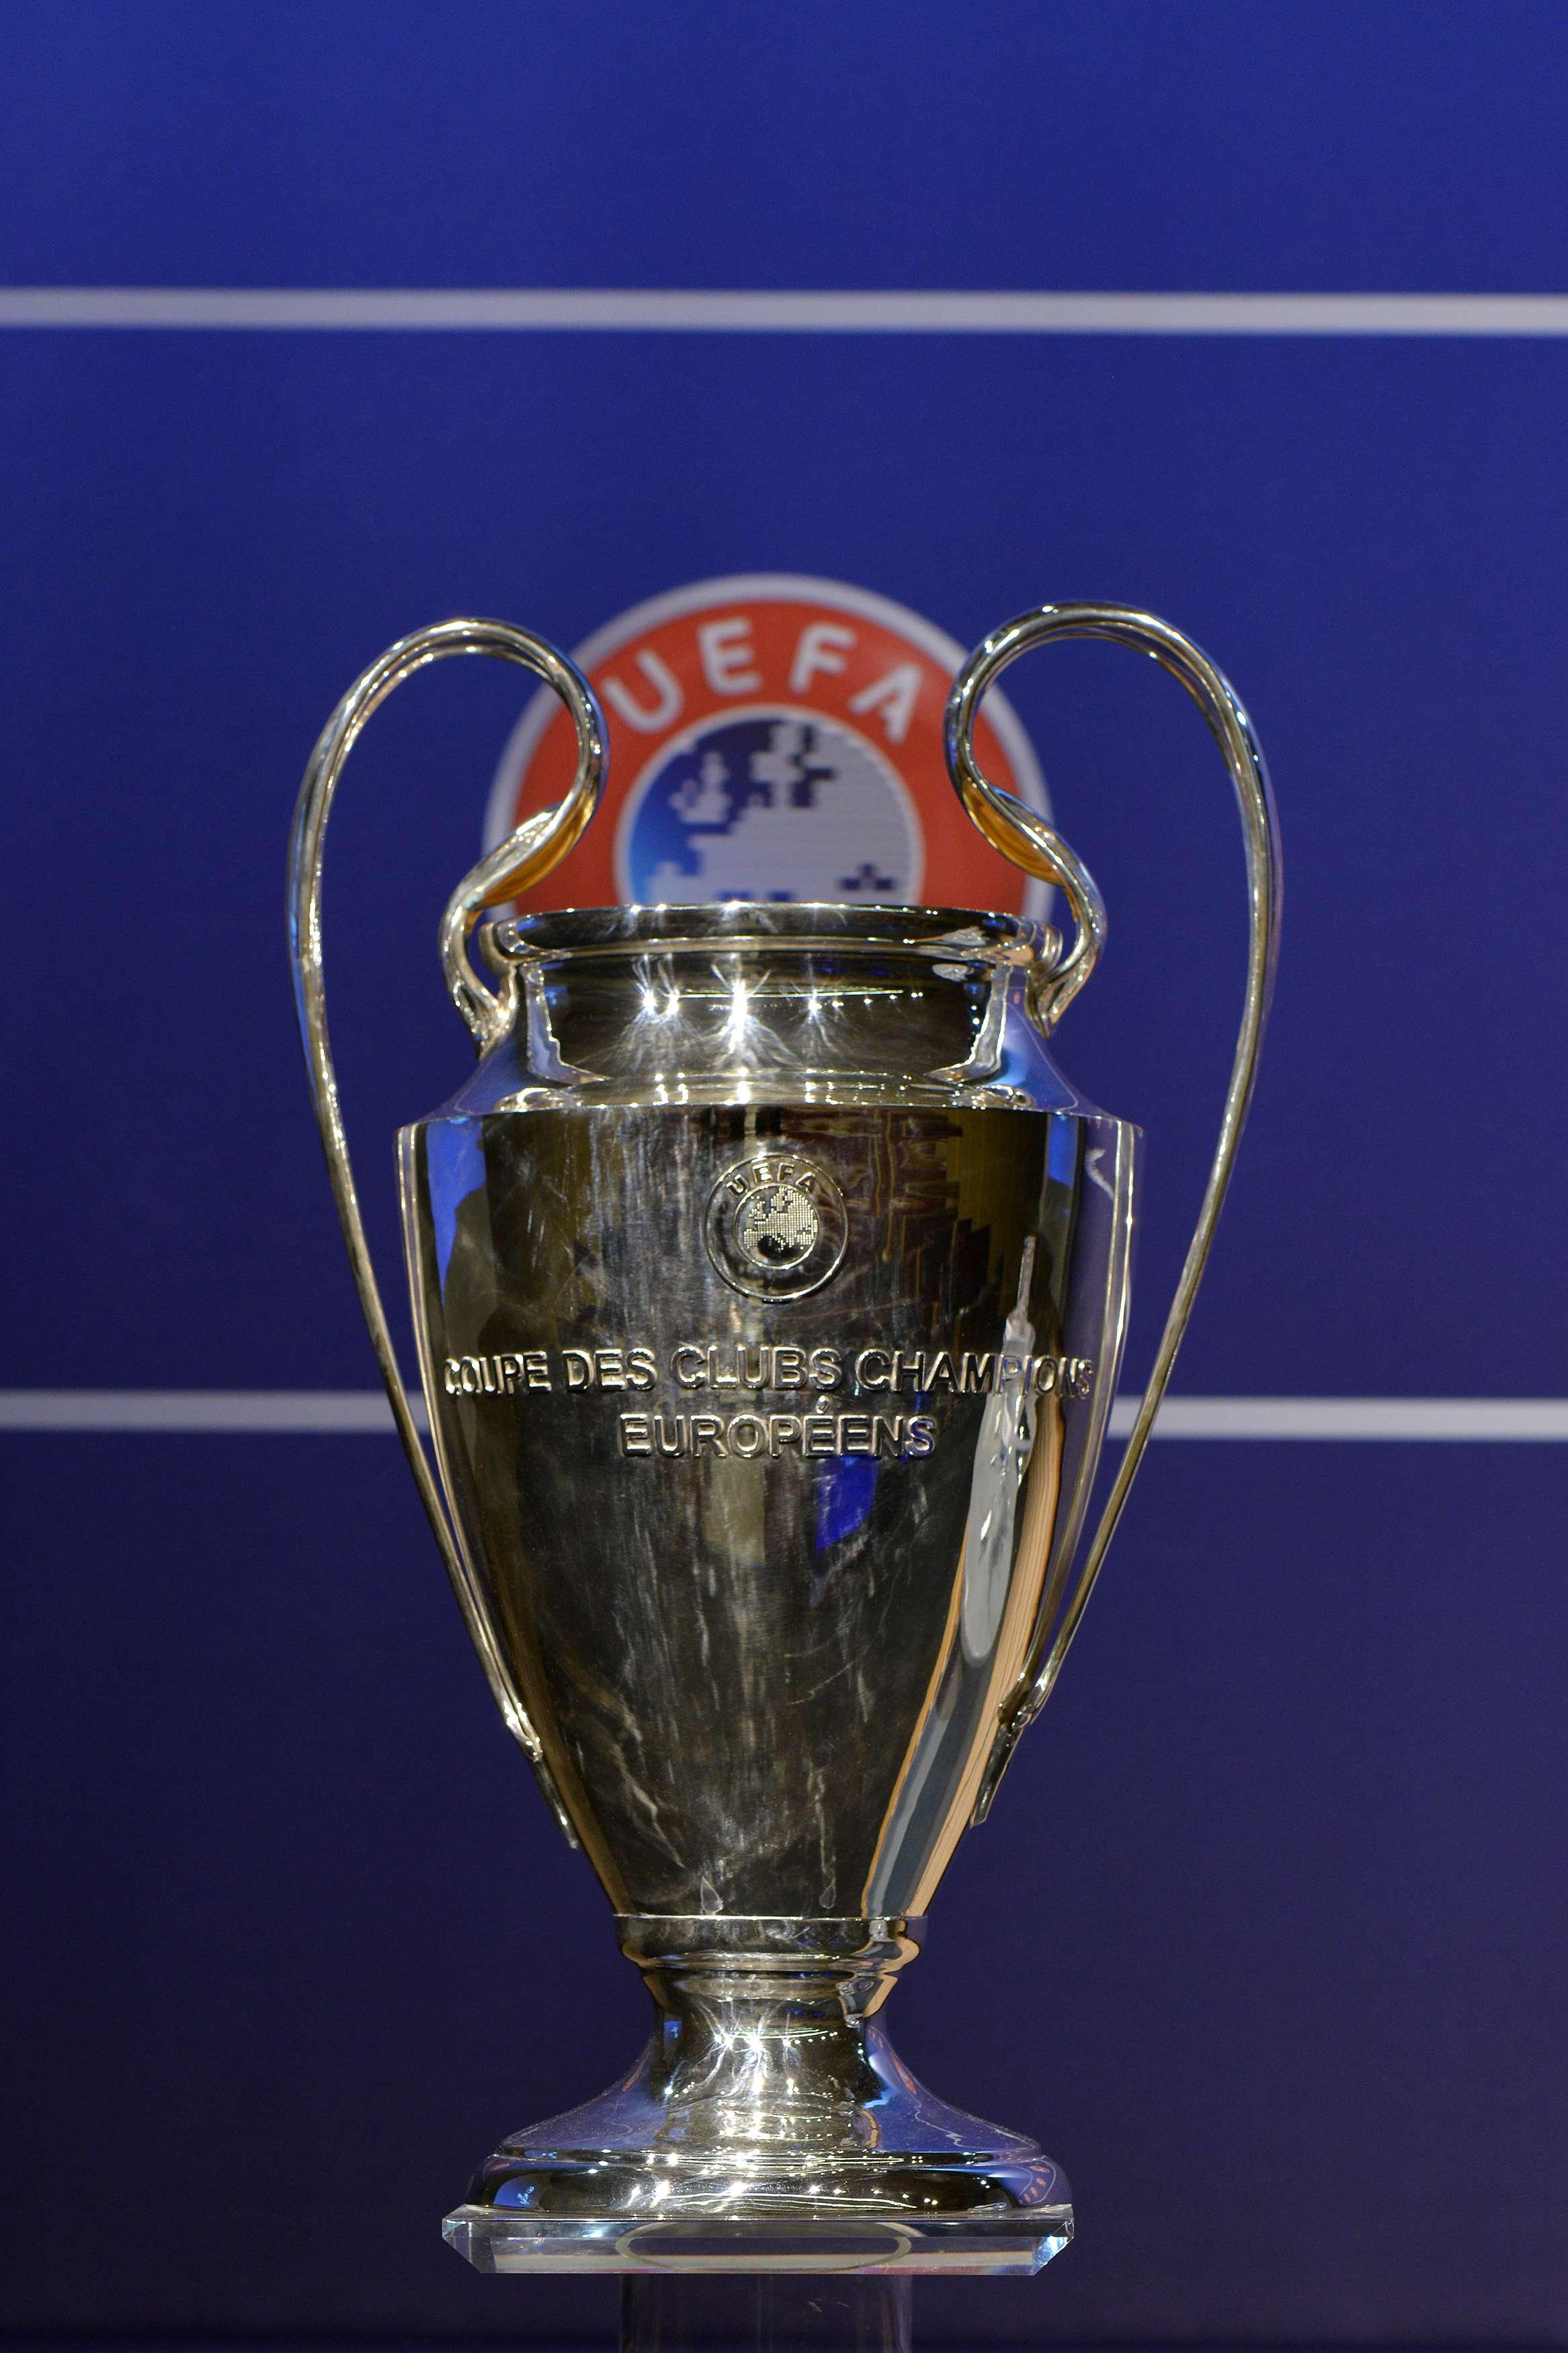 El trofeo se disputará en el estadio San Sito en el 2016. Foto: Getty Images